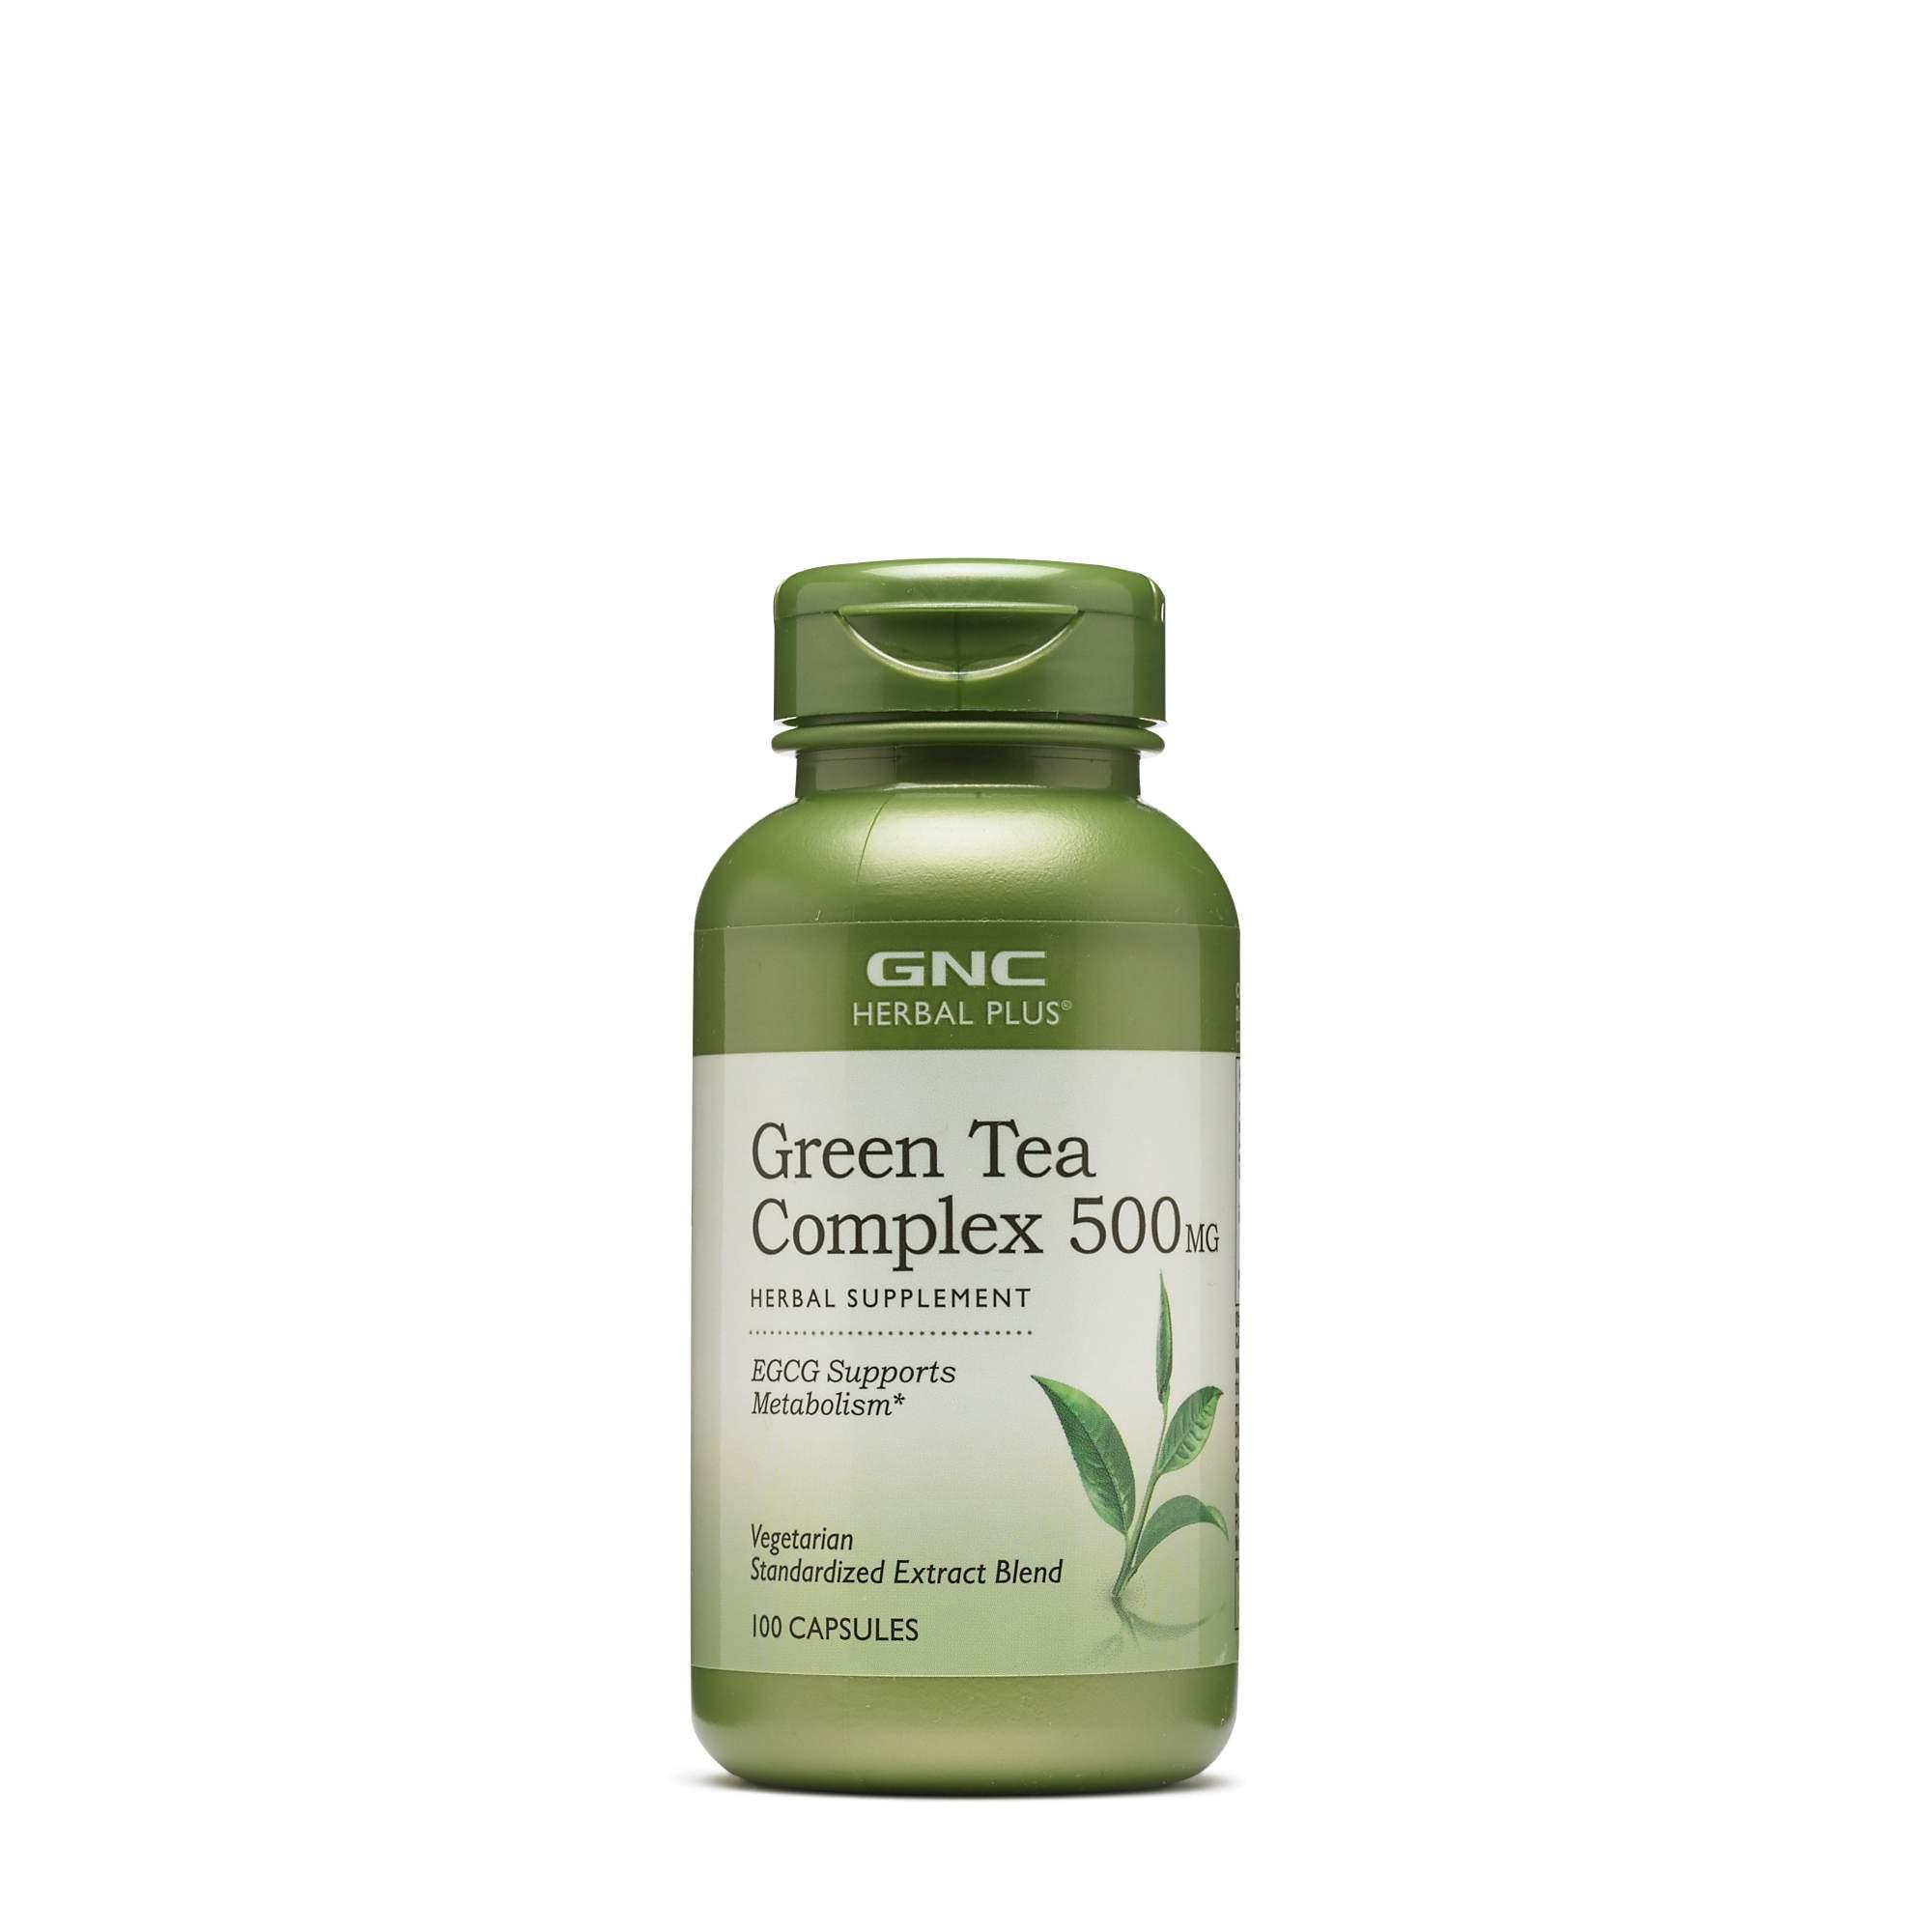 green tea complex 500 mg